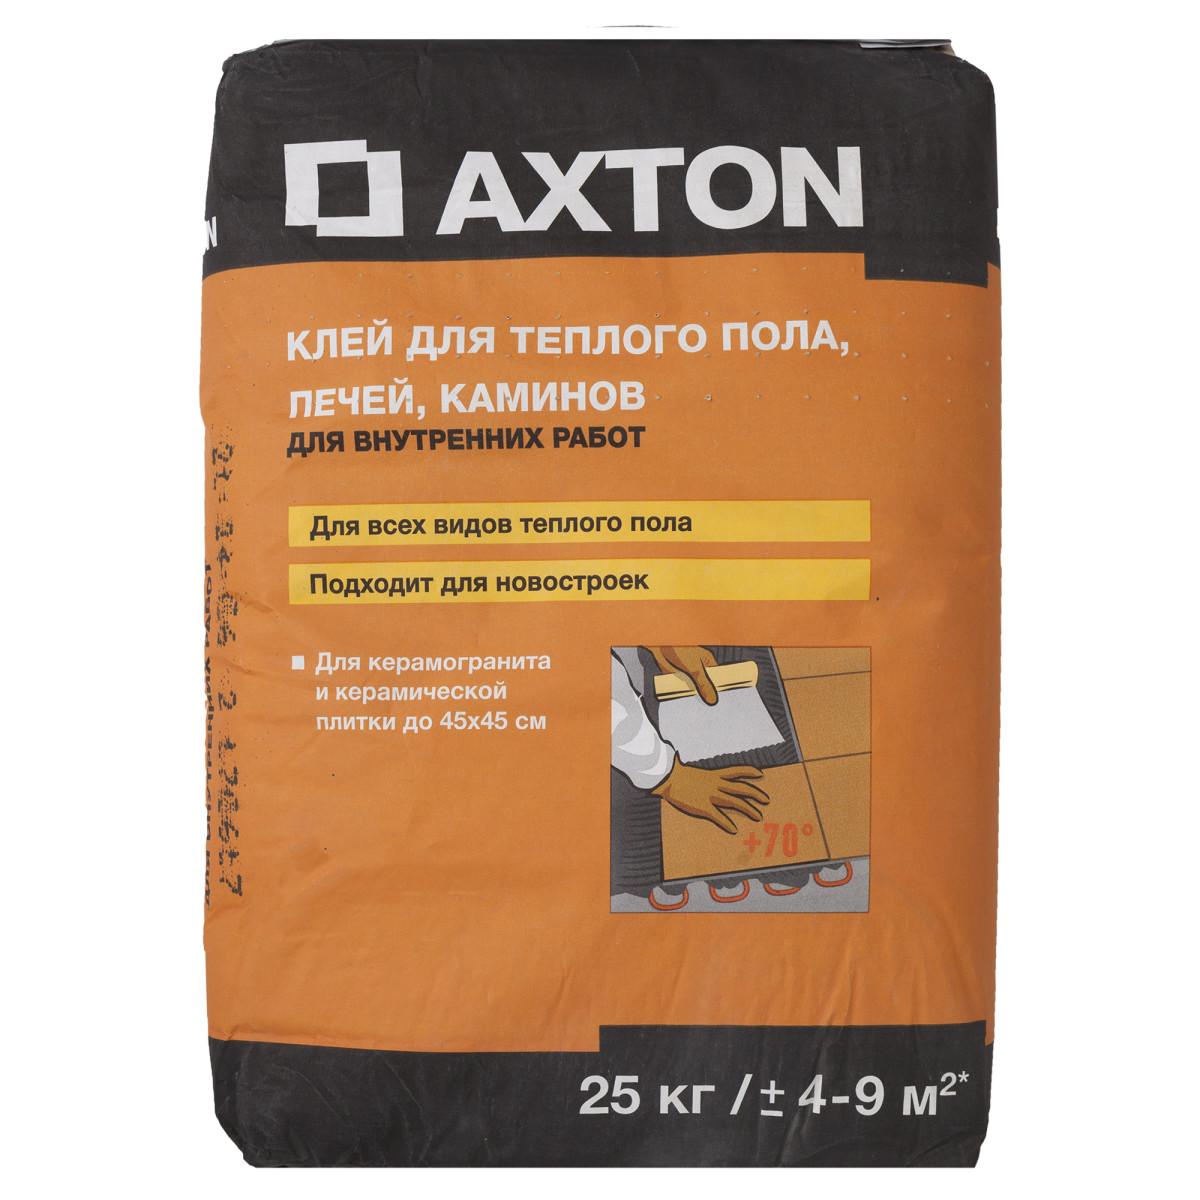 Клей для плитки с тёплым полом Axton 25 кг